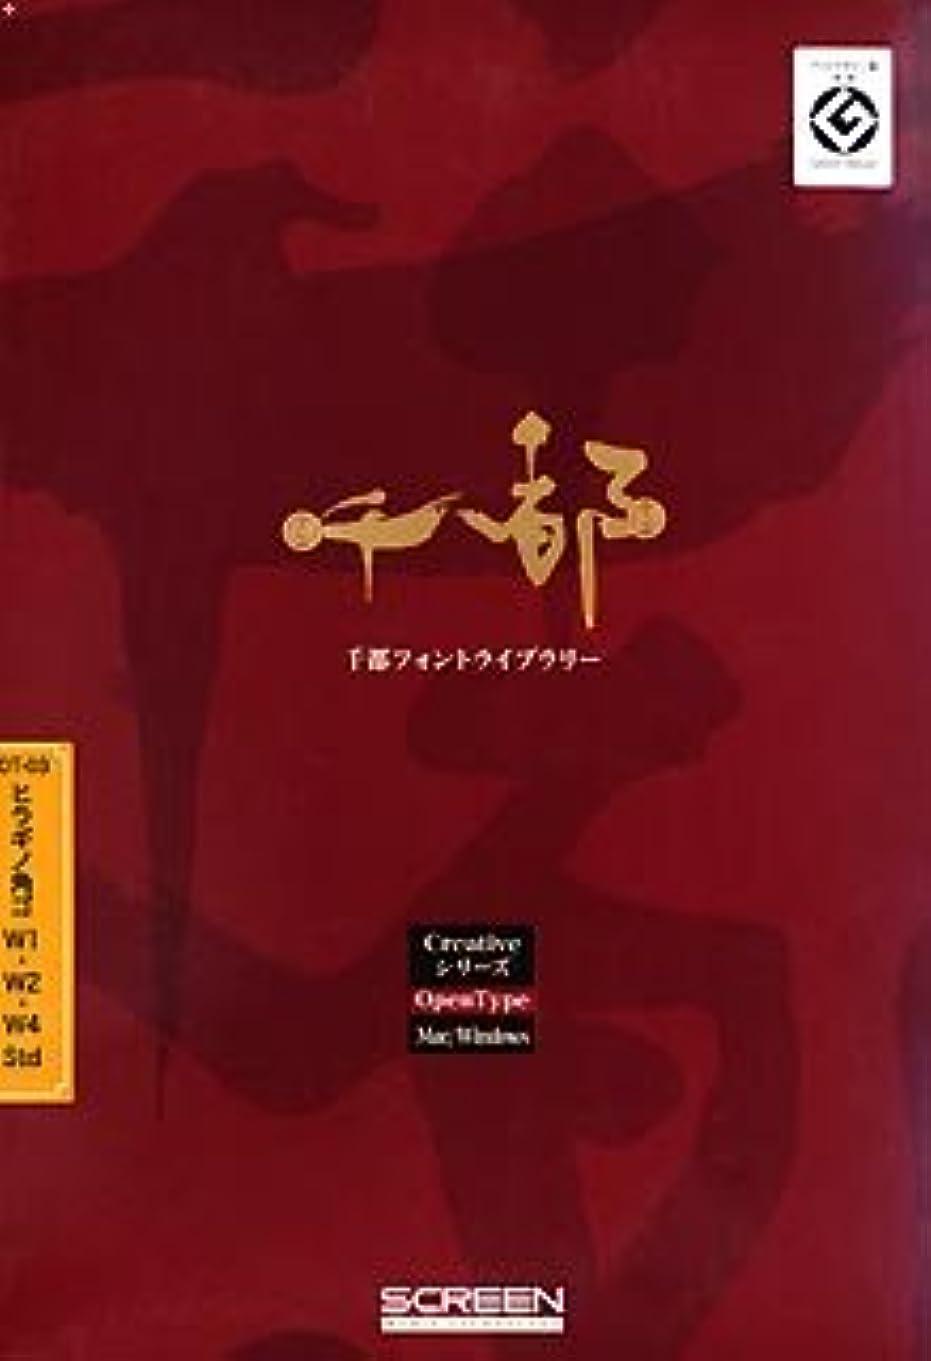 サーキュレーション以下破壊する千都フォントライブラリー Creativeシリーズ OpenType OT-03 ヒラギノ角ゴ W1/W2/W4 Std